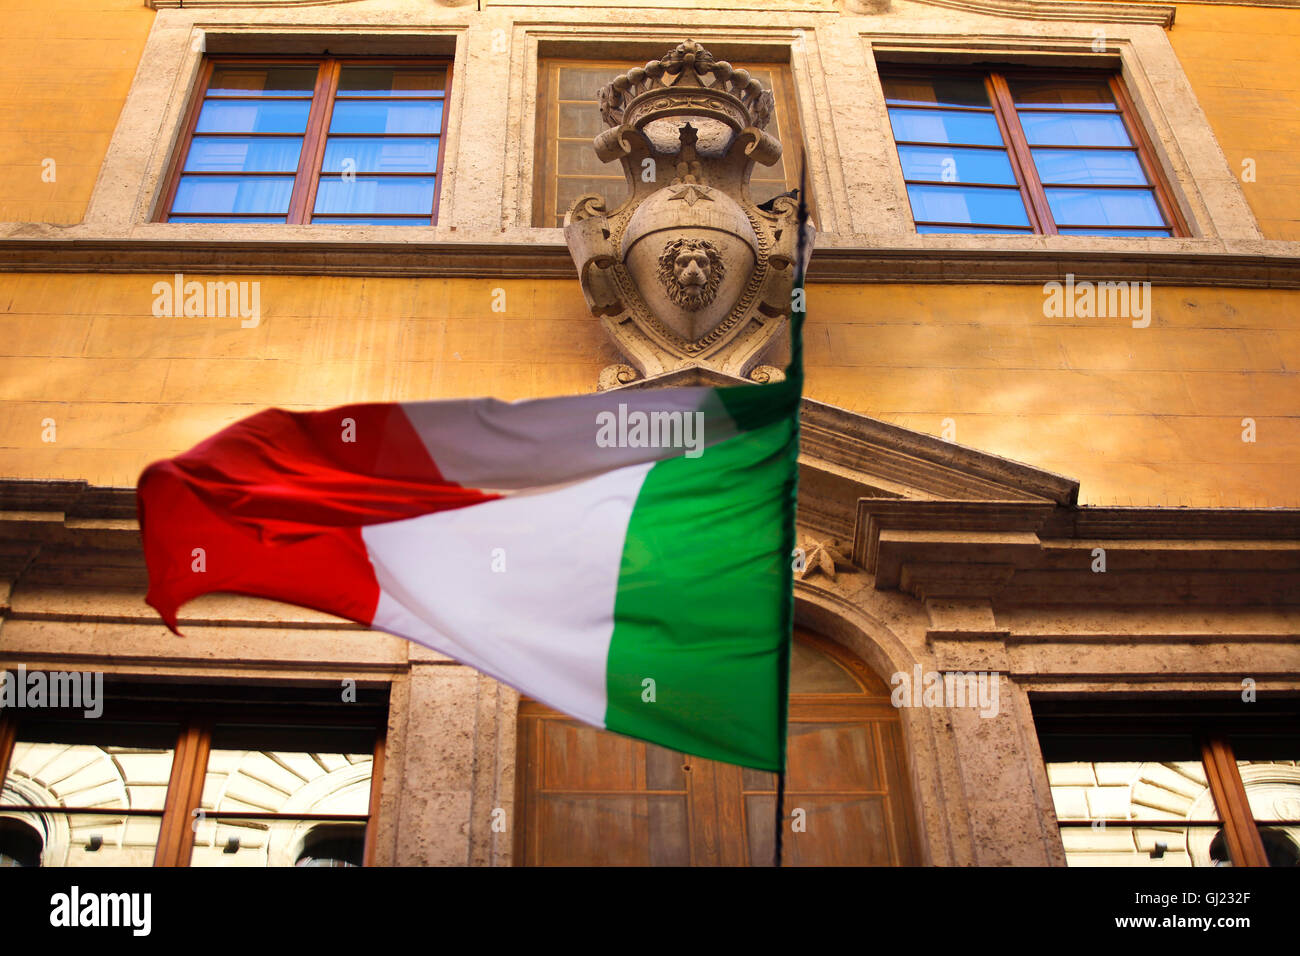 Drapeau Italien sur la Via Banchi di Sopra, à Sienne, en Italie. Photo Stock